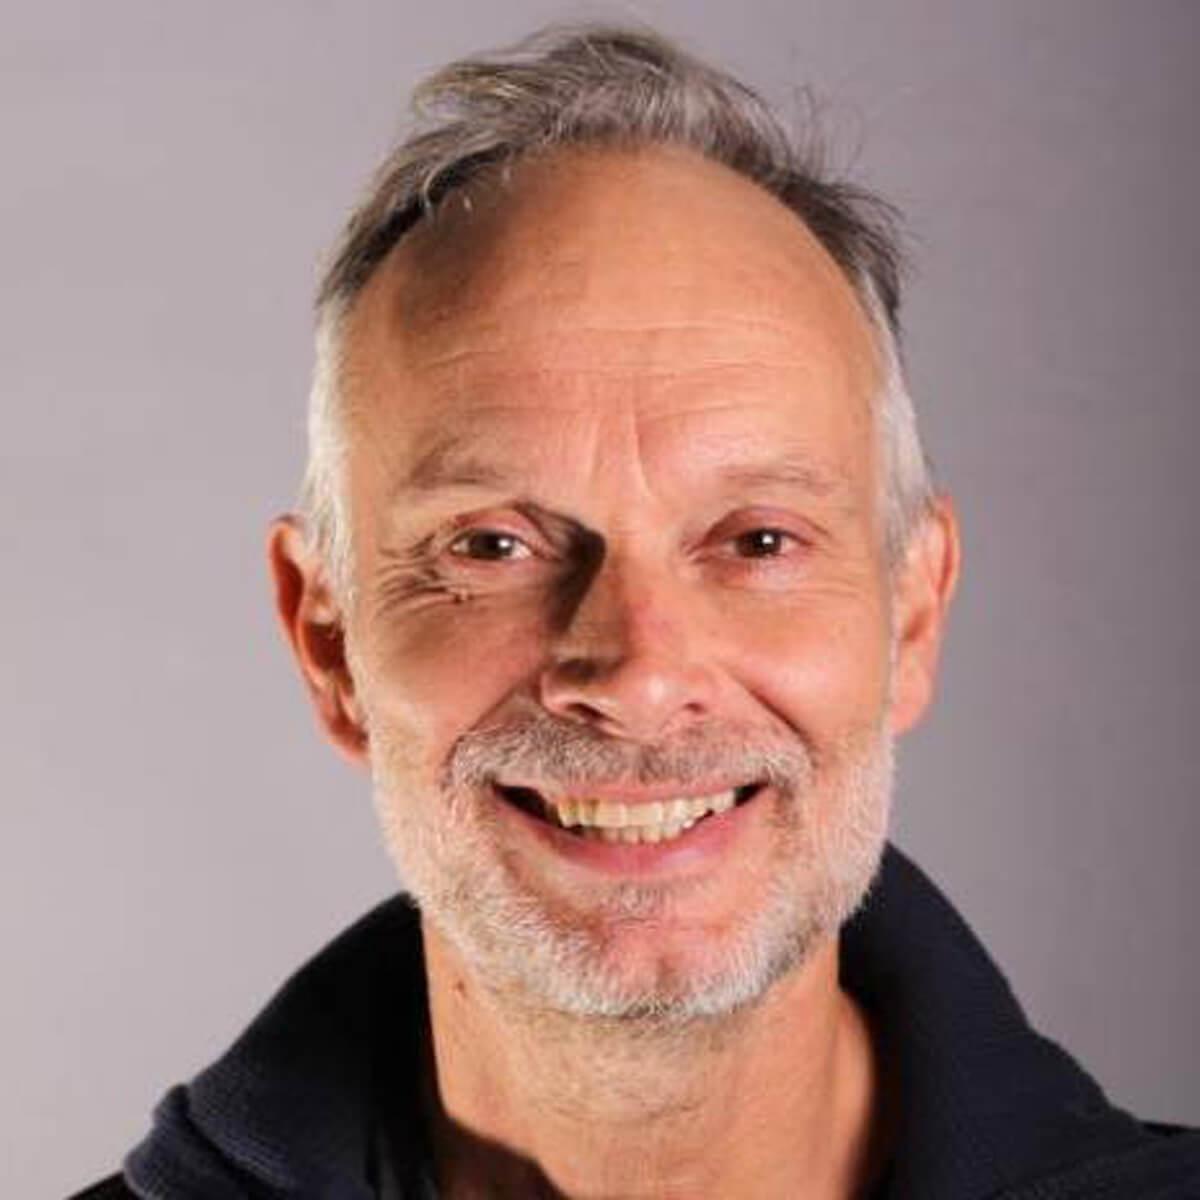 Kevin Webster